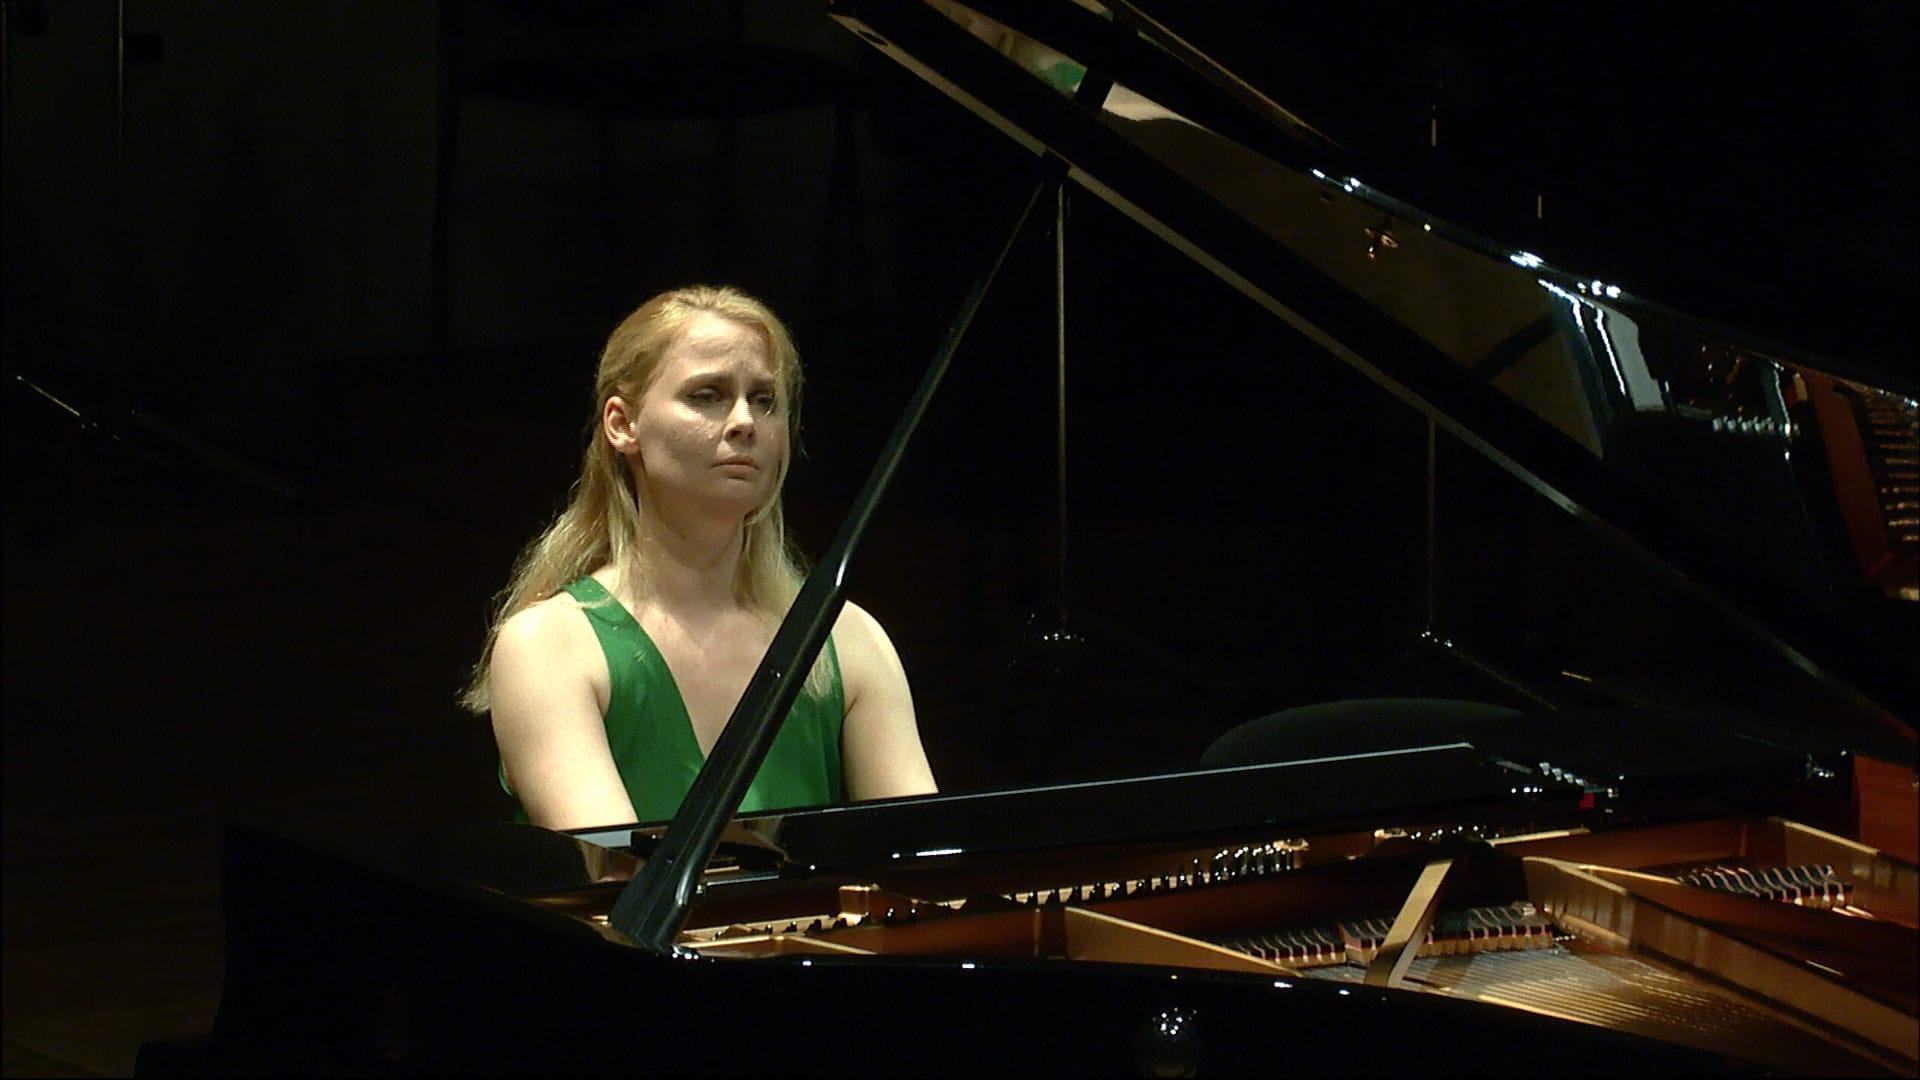 Koncert v rámci festivalu Piano Days 2021